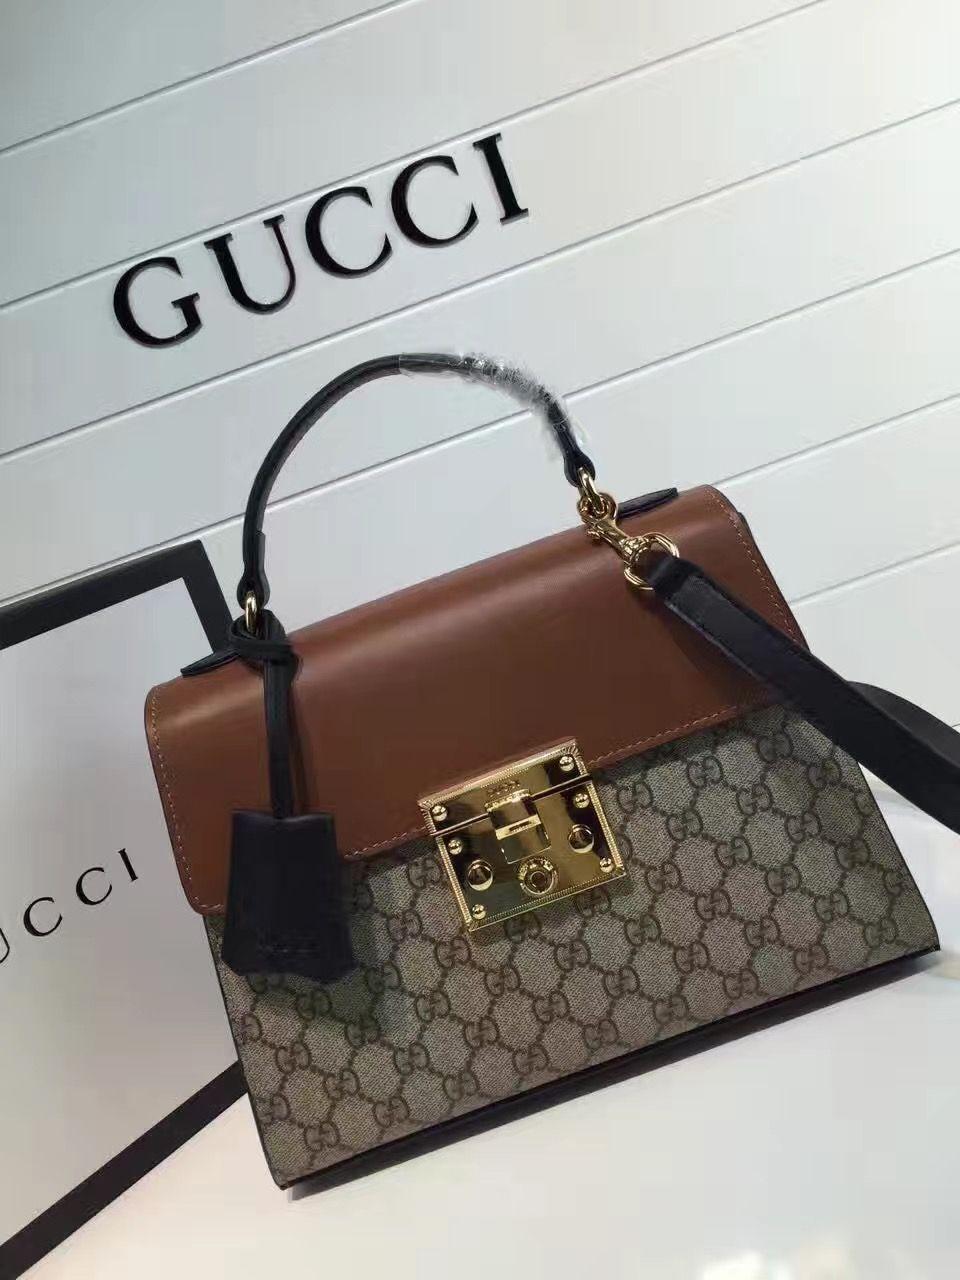 3310b15fbf92 Gucci Padlock GG Supreme Top Handle Small Bag 453188 Brown 2016 ...